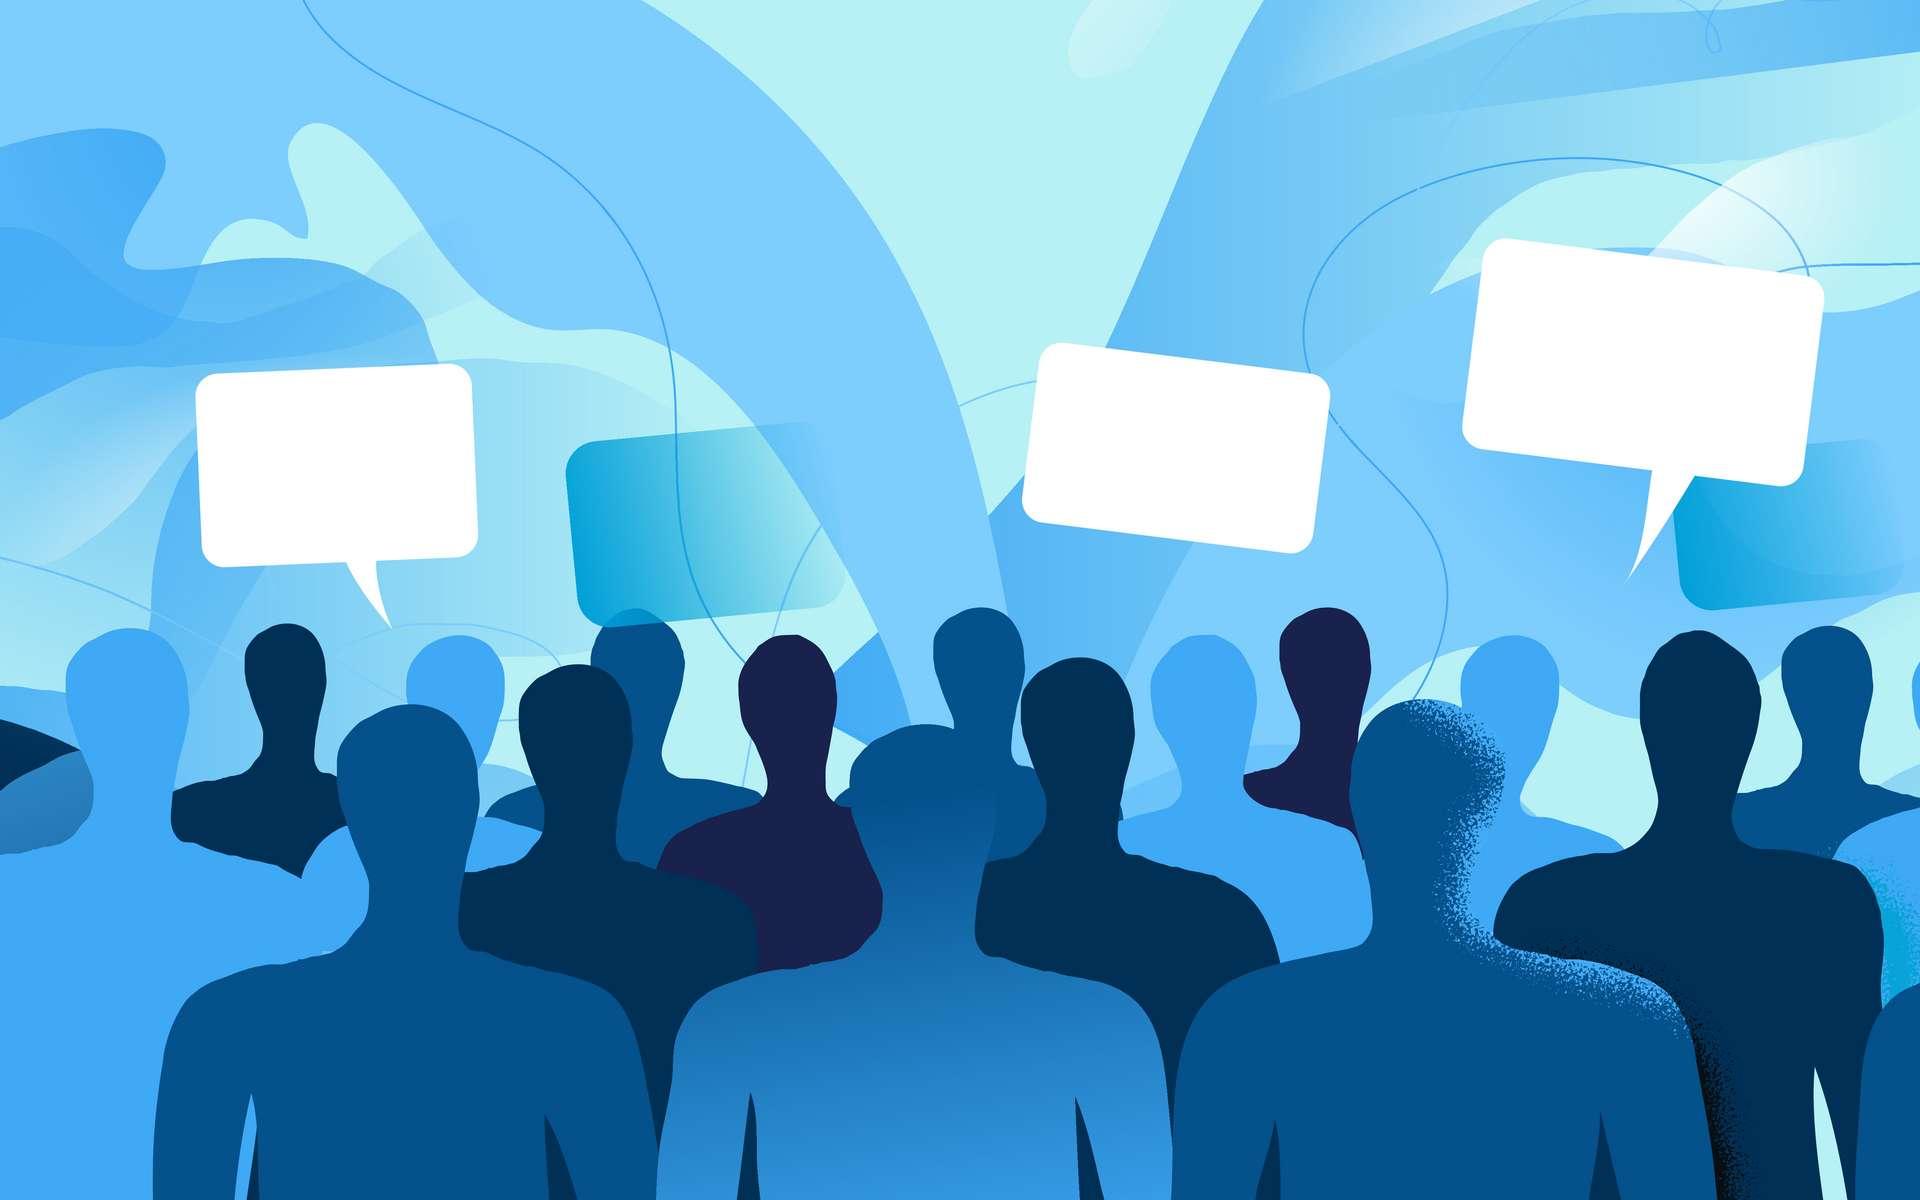 La formation du collectif citoyen pour émettre des avis sur la campagne vaccinale est-elle une bonne chose ? © Hurca!, Adobe Stock